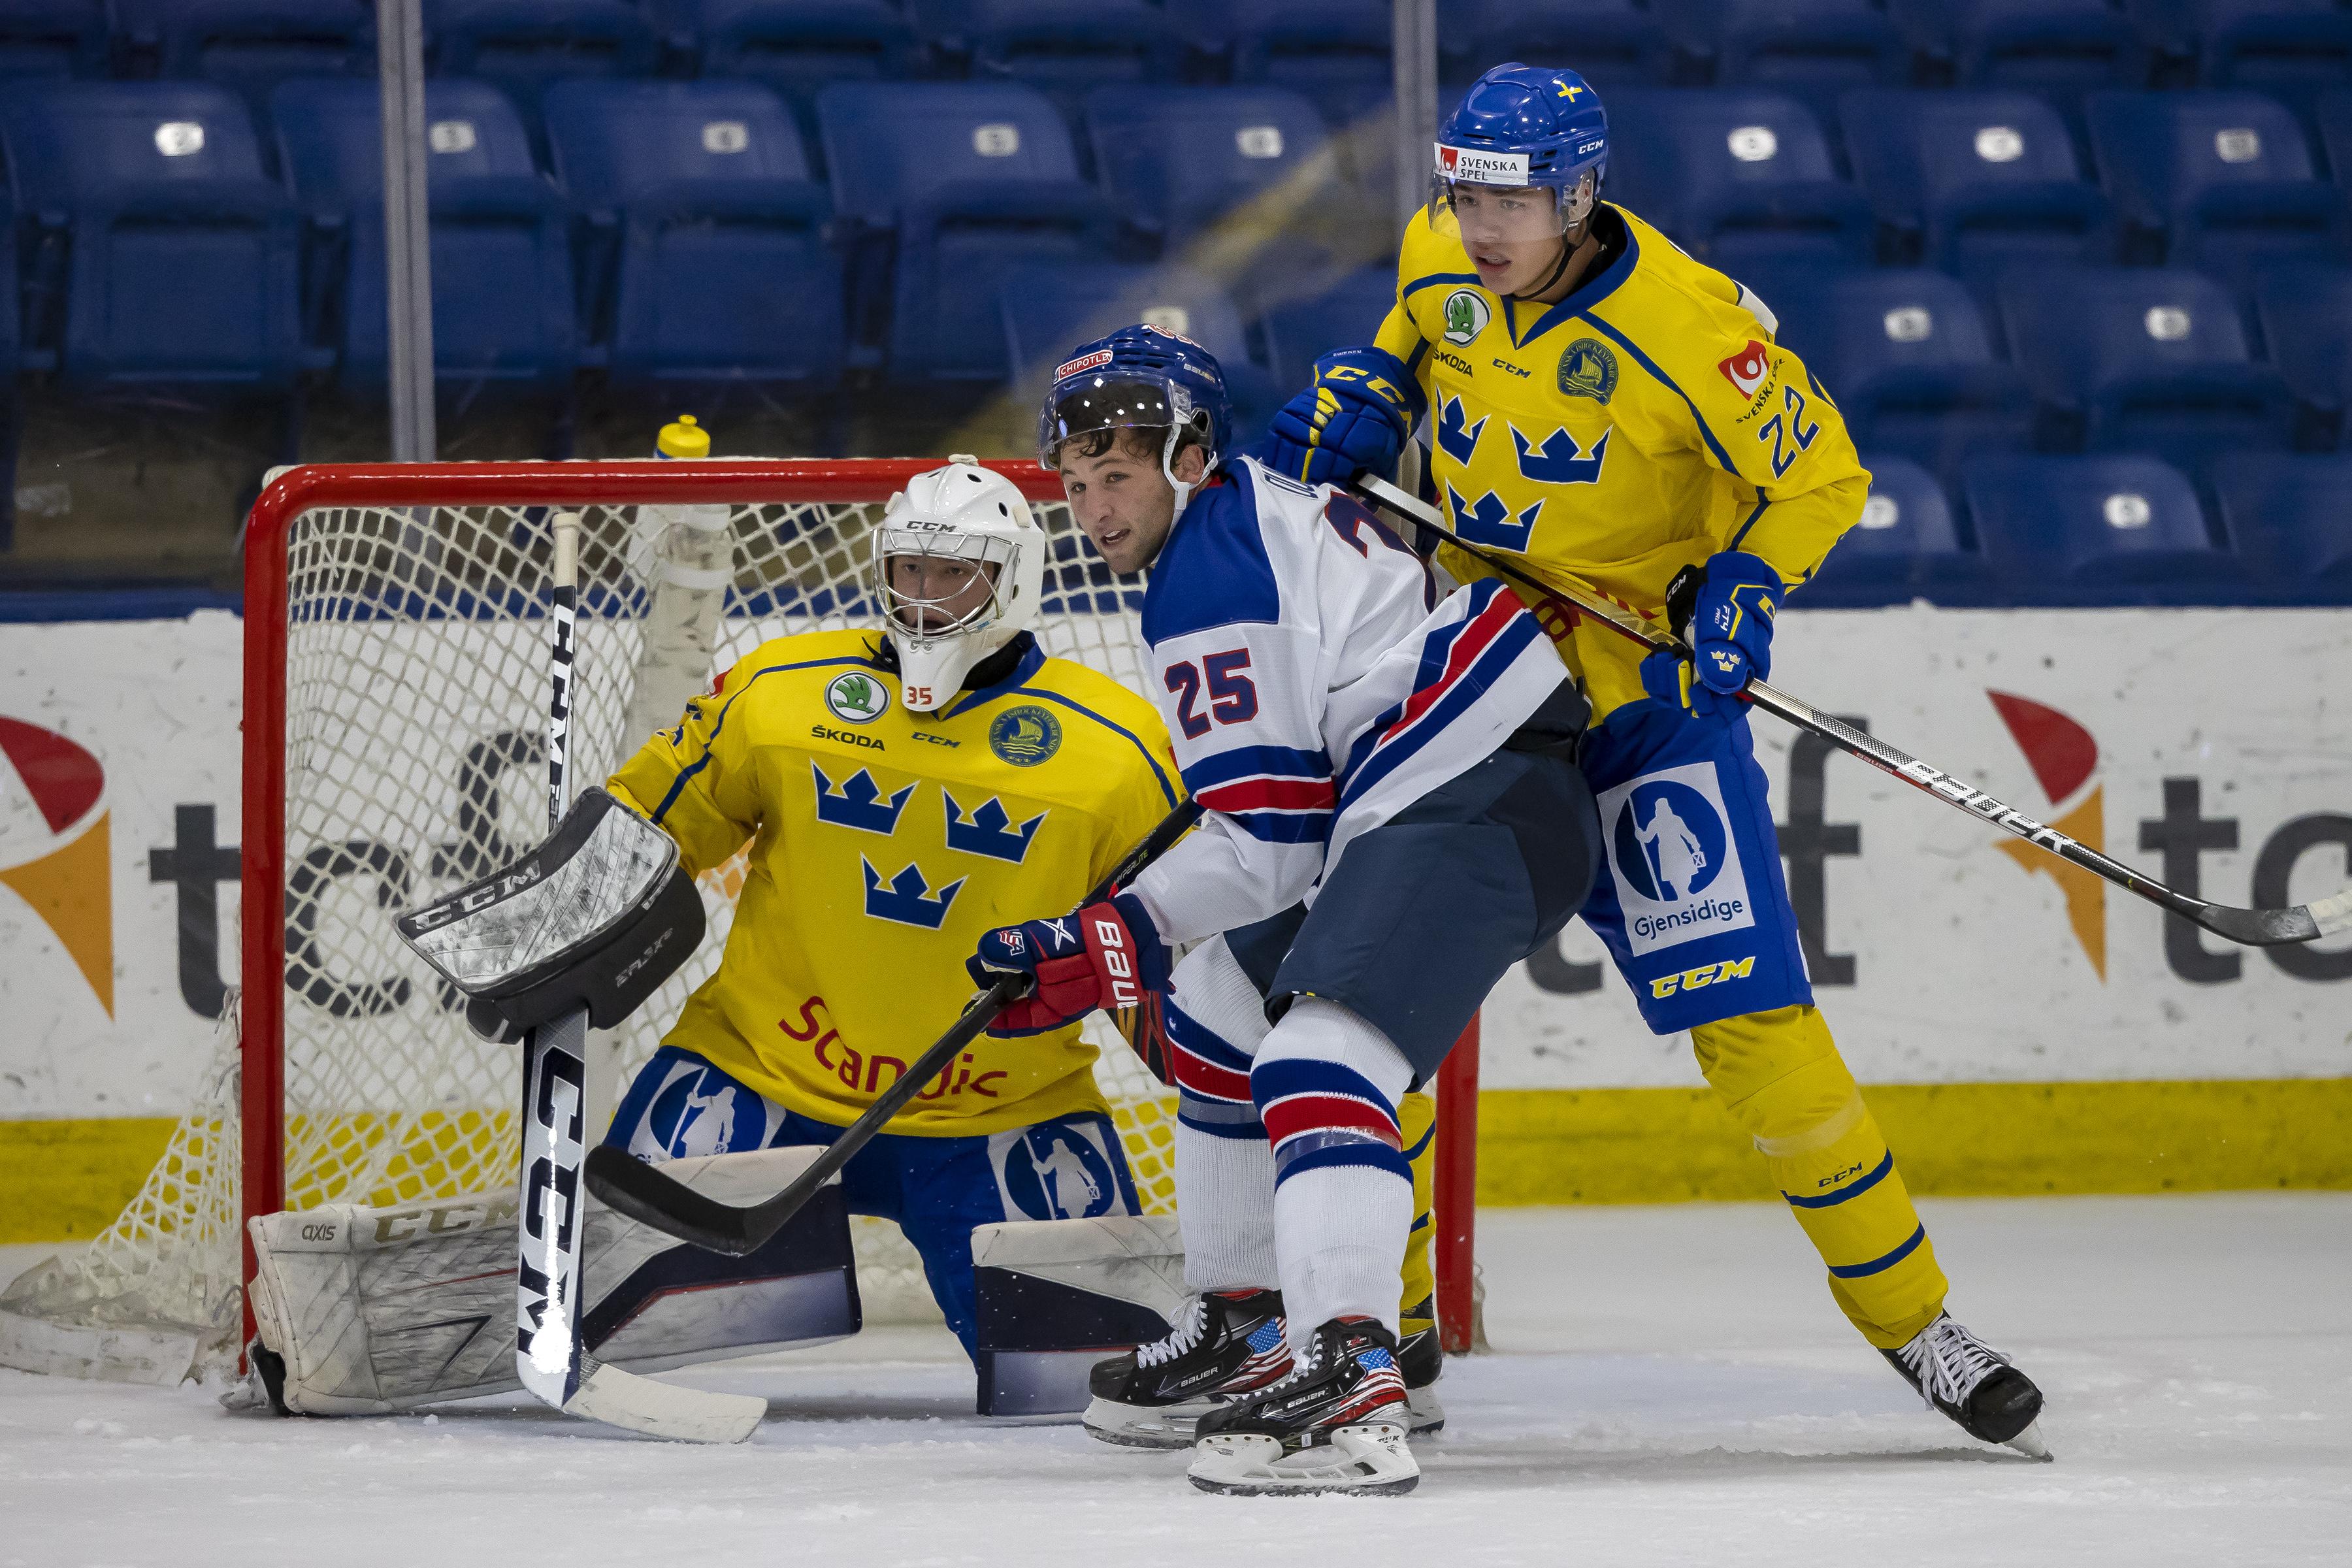 USA-White v Sweden